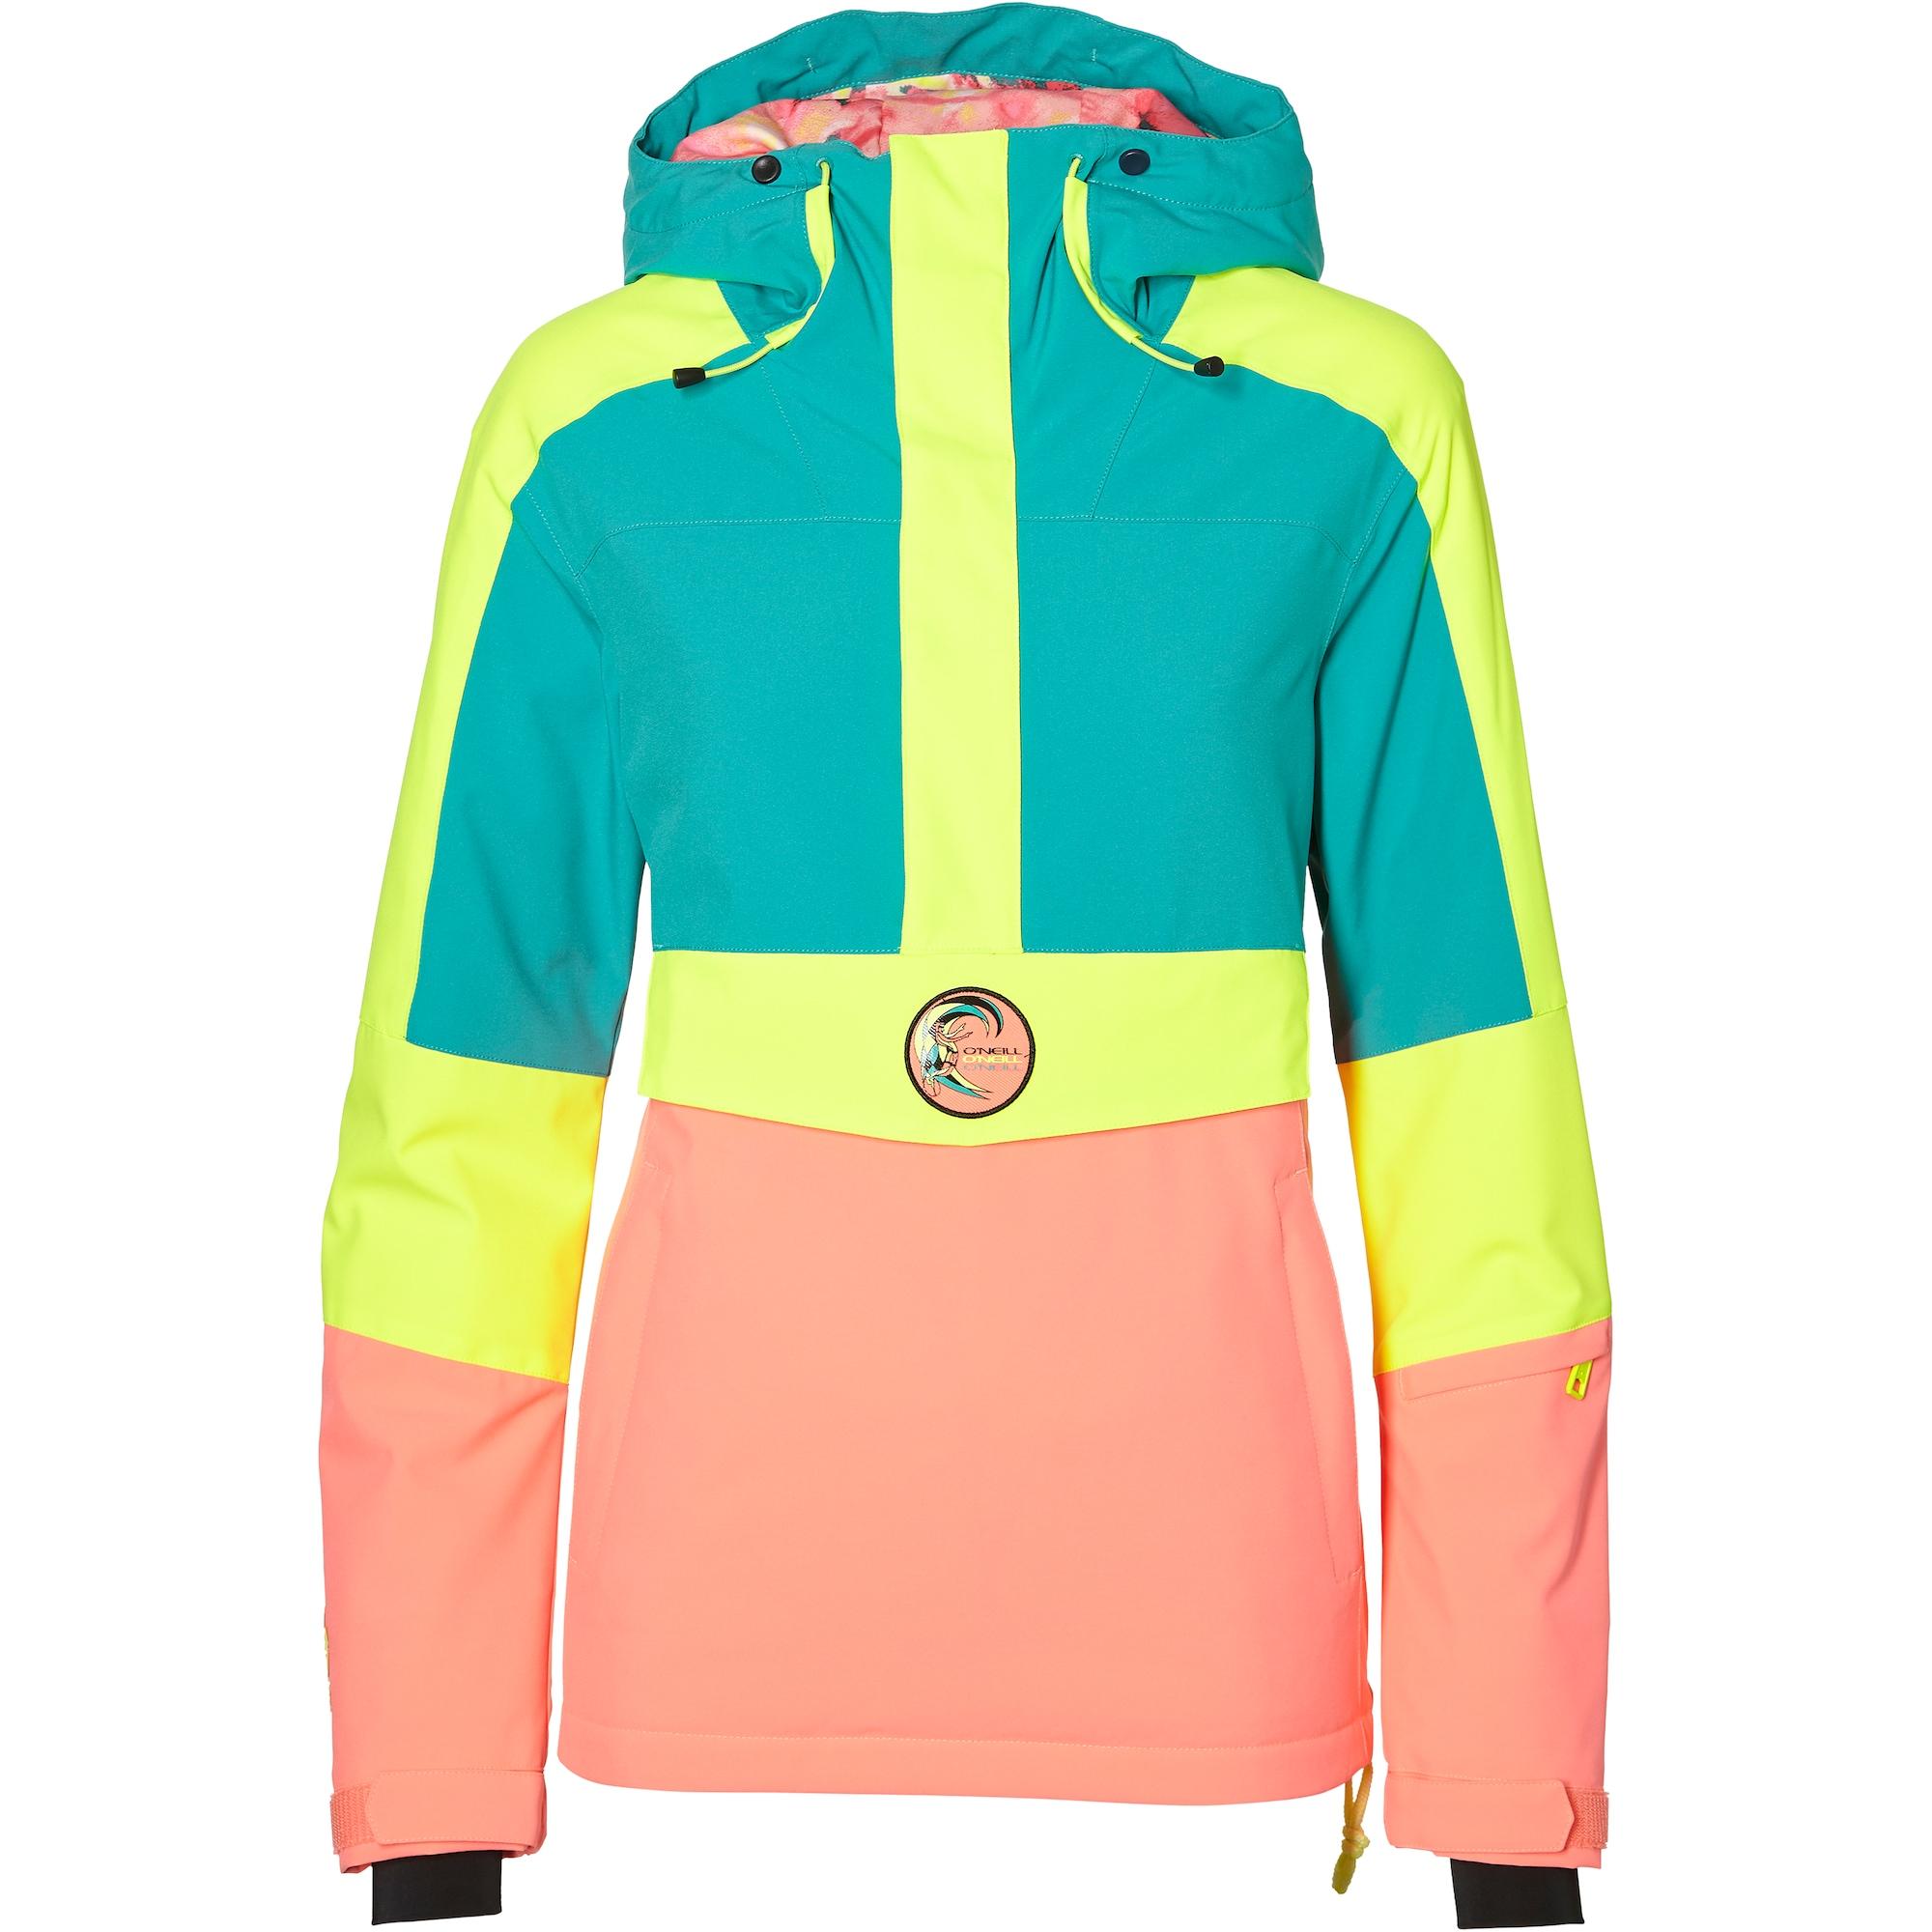 ONEILL Sportovní bunda žlutá zelená starorůžová O'NEILL